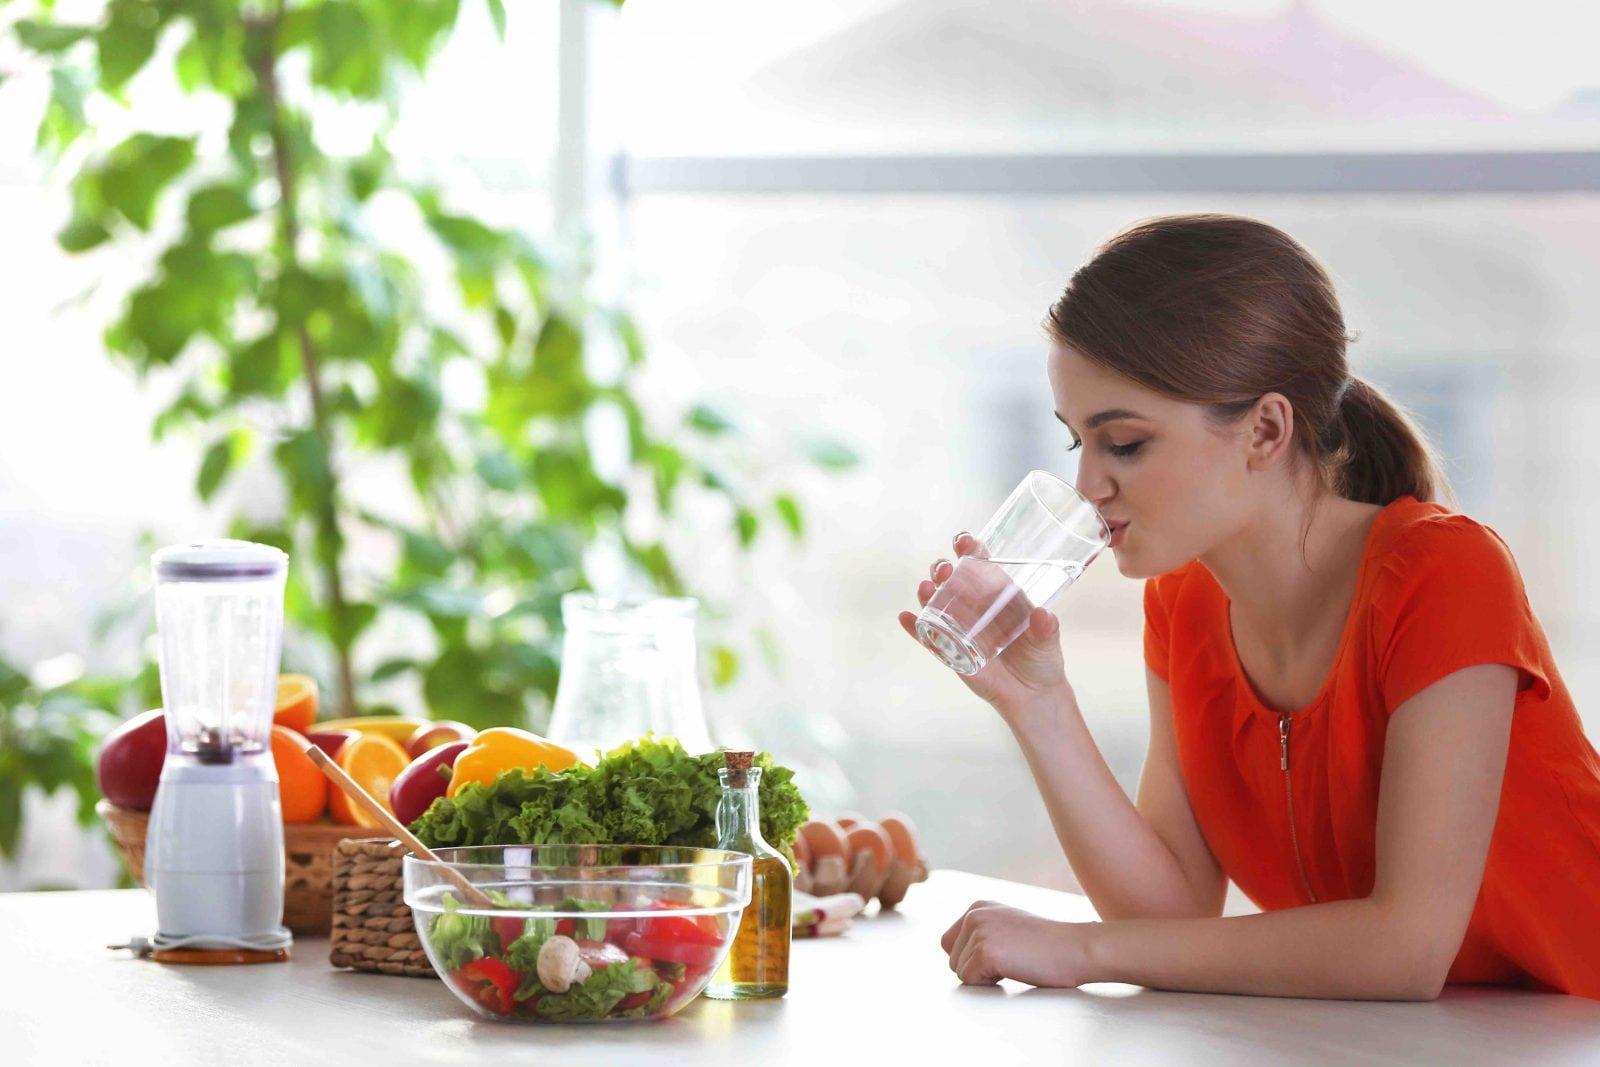 Ipertensione e alimentazione: cosa mangiare? - Bere Acqua